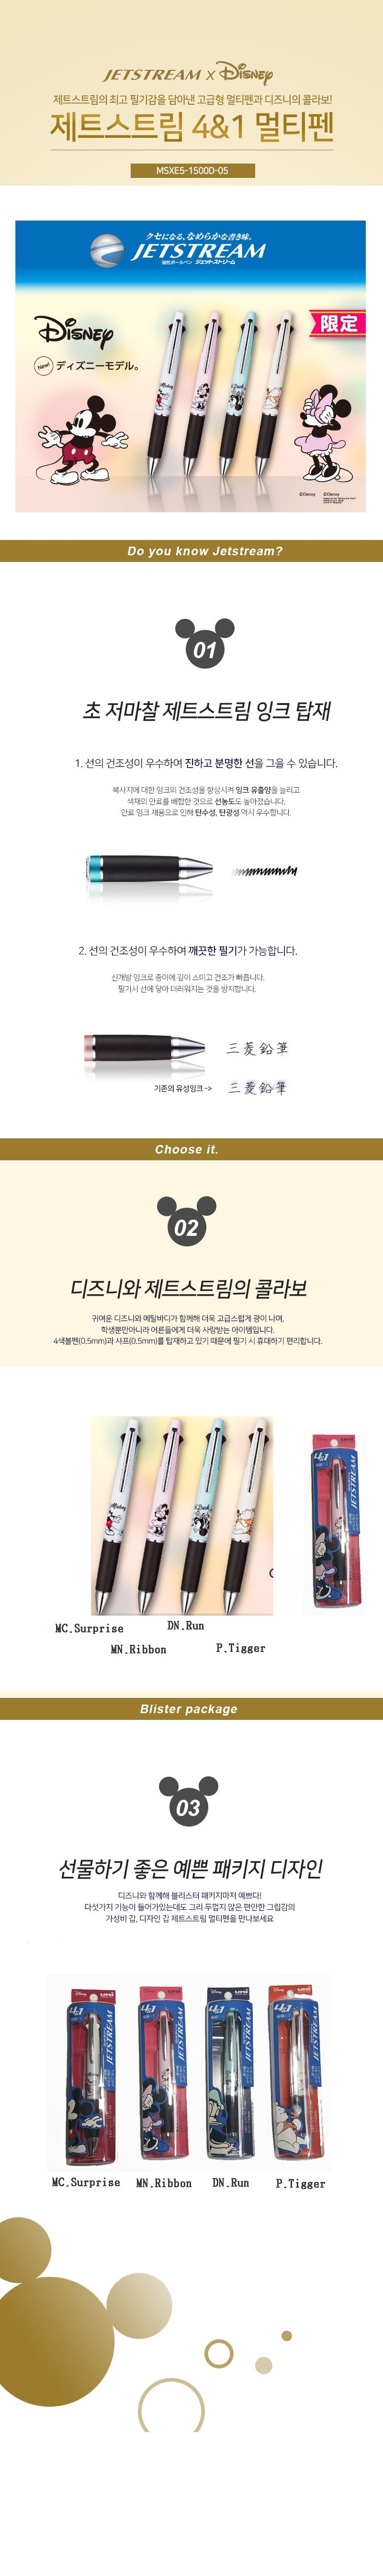 (한정판)uni 유니 디즈니콜라보 제트스트림 4색+샤프 - 펜스테이션, 15,000원, 볼펜, 멀티색상 볼펜